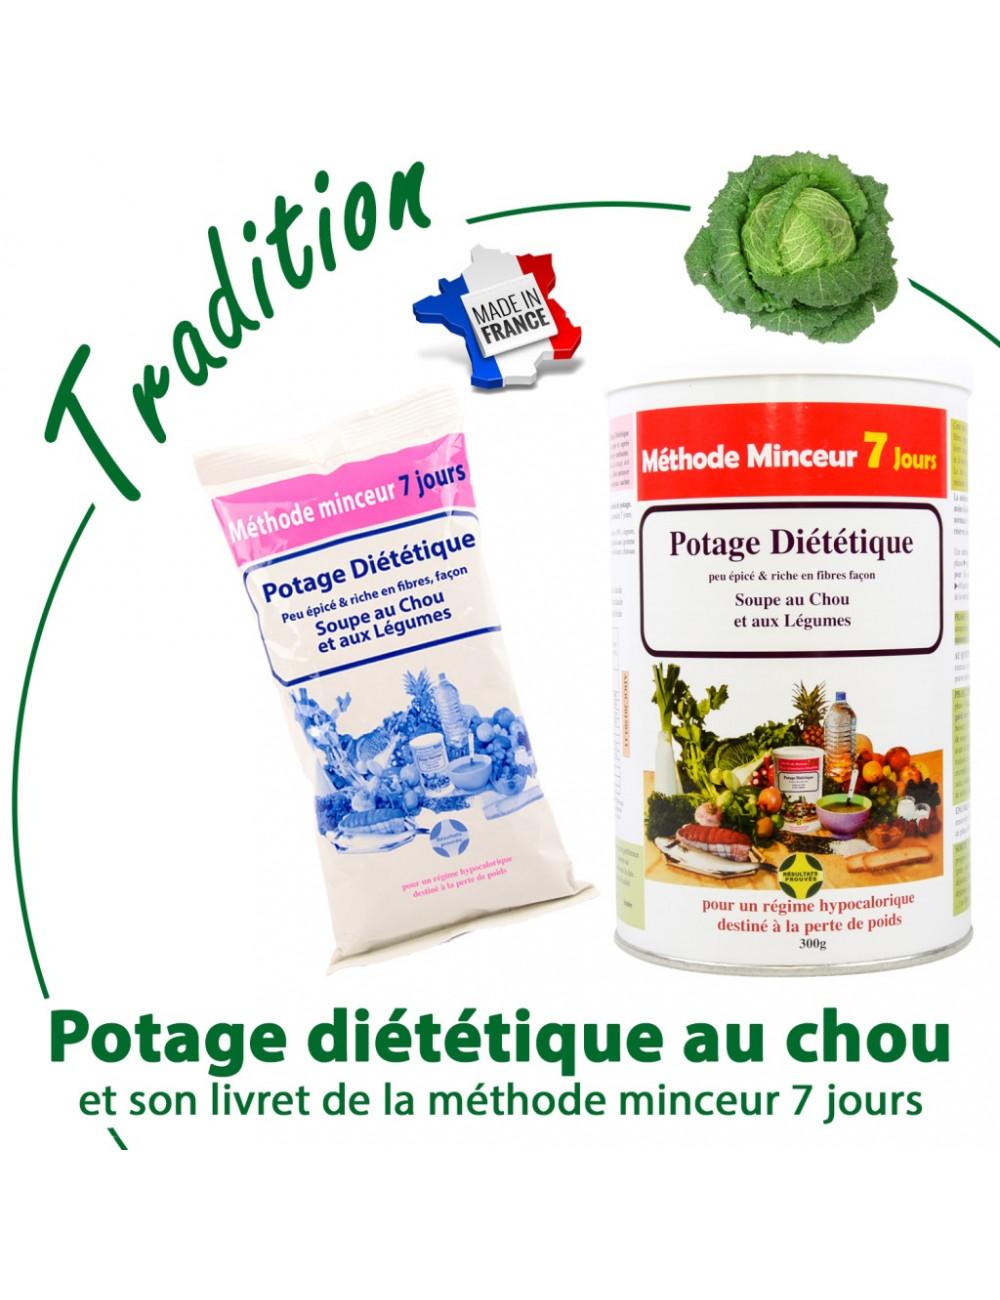 Méthode minceur 7 jours avec soupe/potage diététique pour perdre de poids en 7 jours seulement et une silhouette affinée